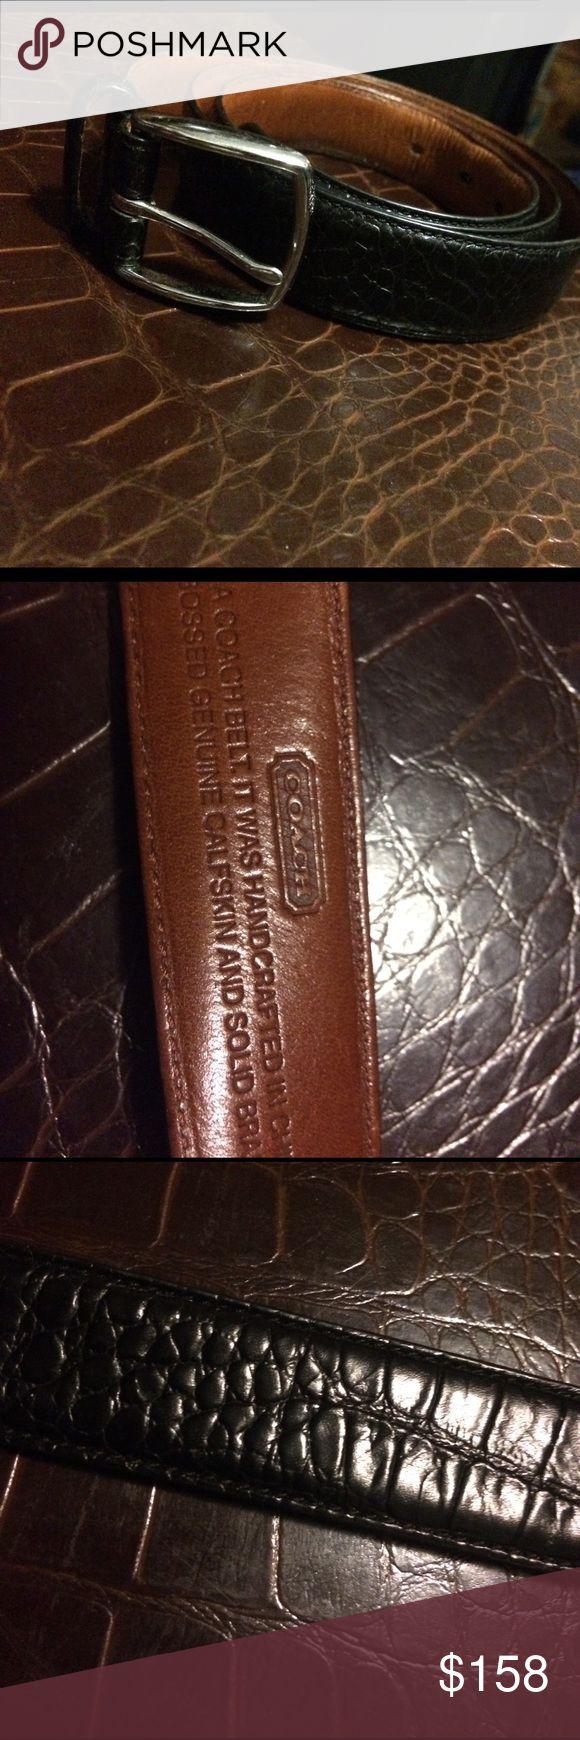 Authentic coach belt Authentic coach alligator black belt Coach Accessories Belts